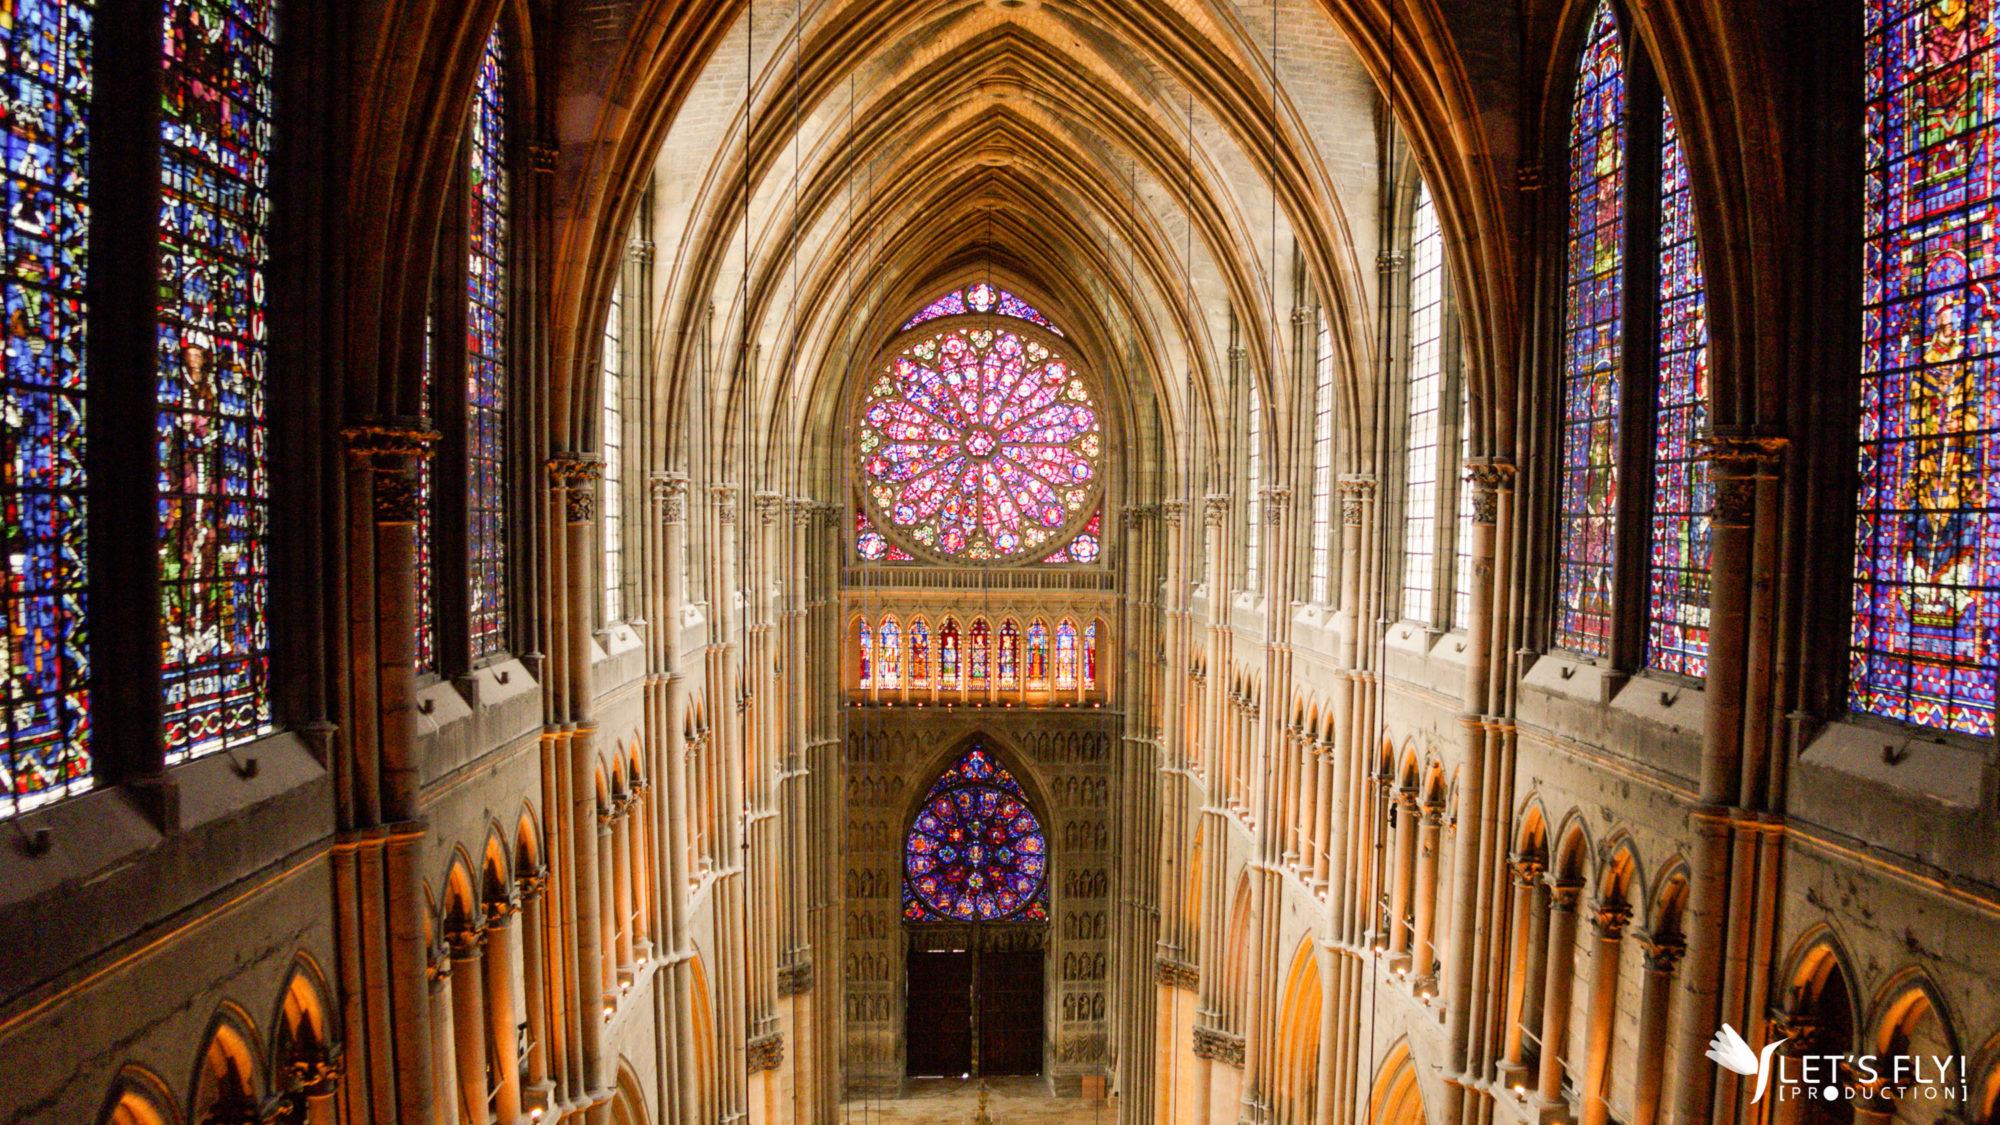 Vue du ciel, la cathédrale de Reims comme vous ne l'avez jamais vue !